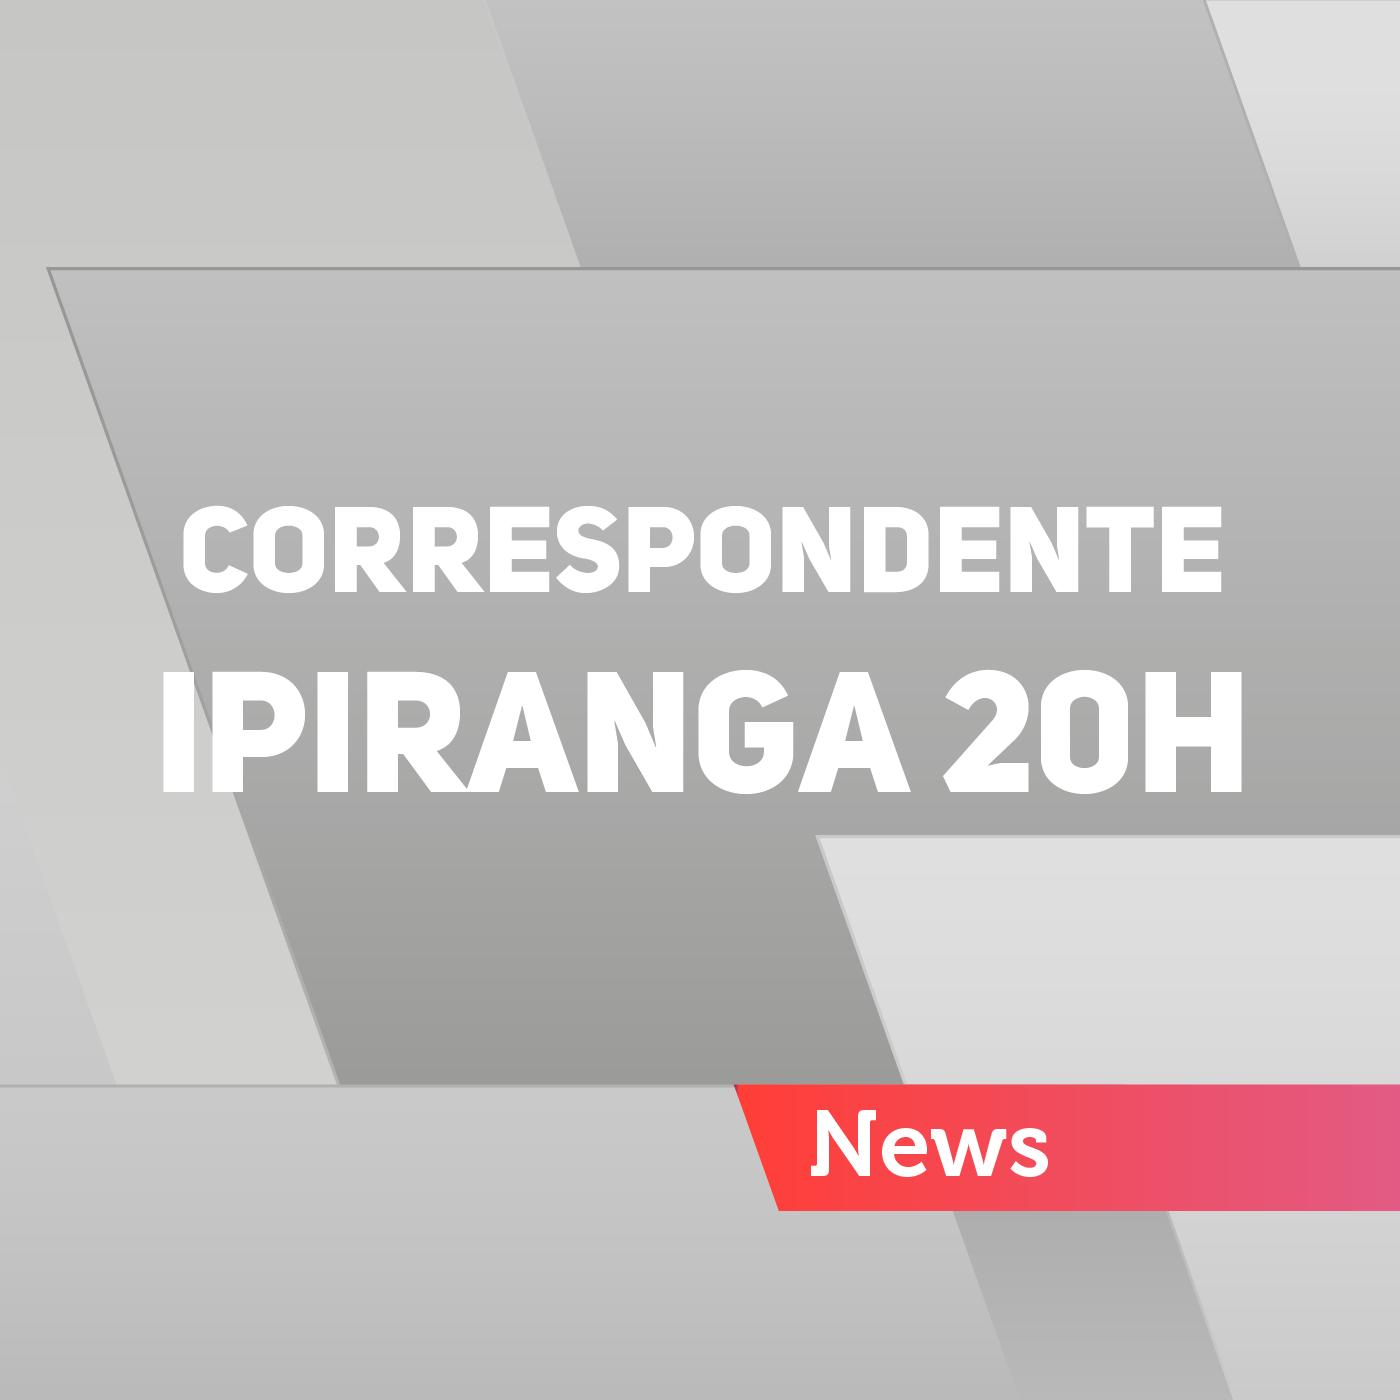 Correspondente Ipiranga 20h - 24/02/2017